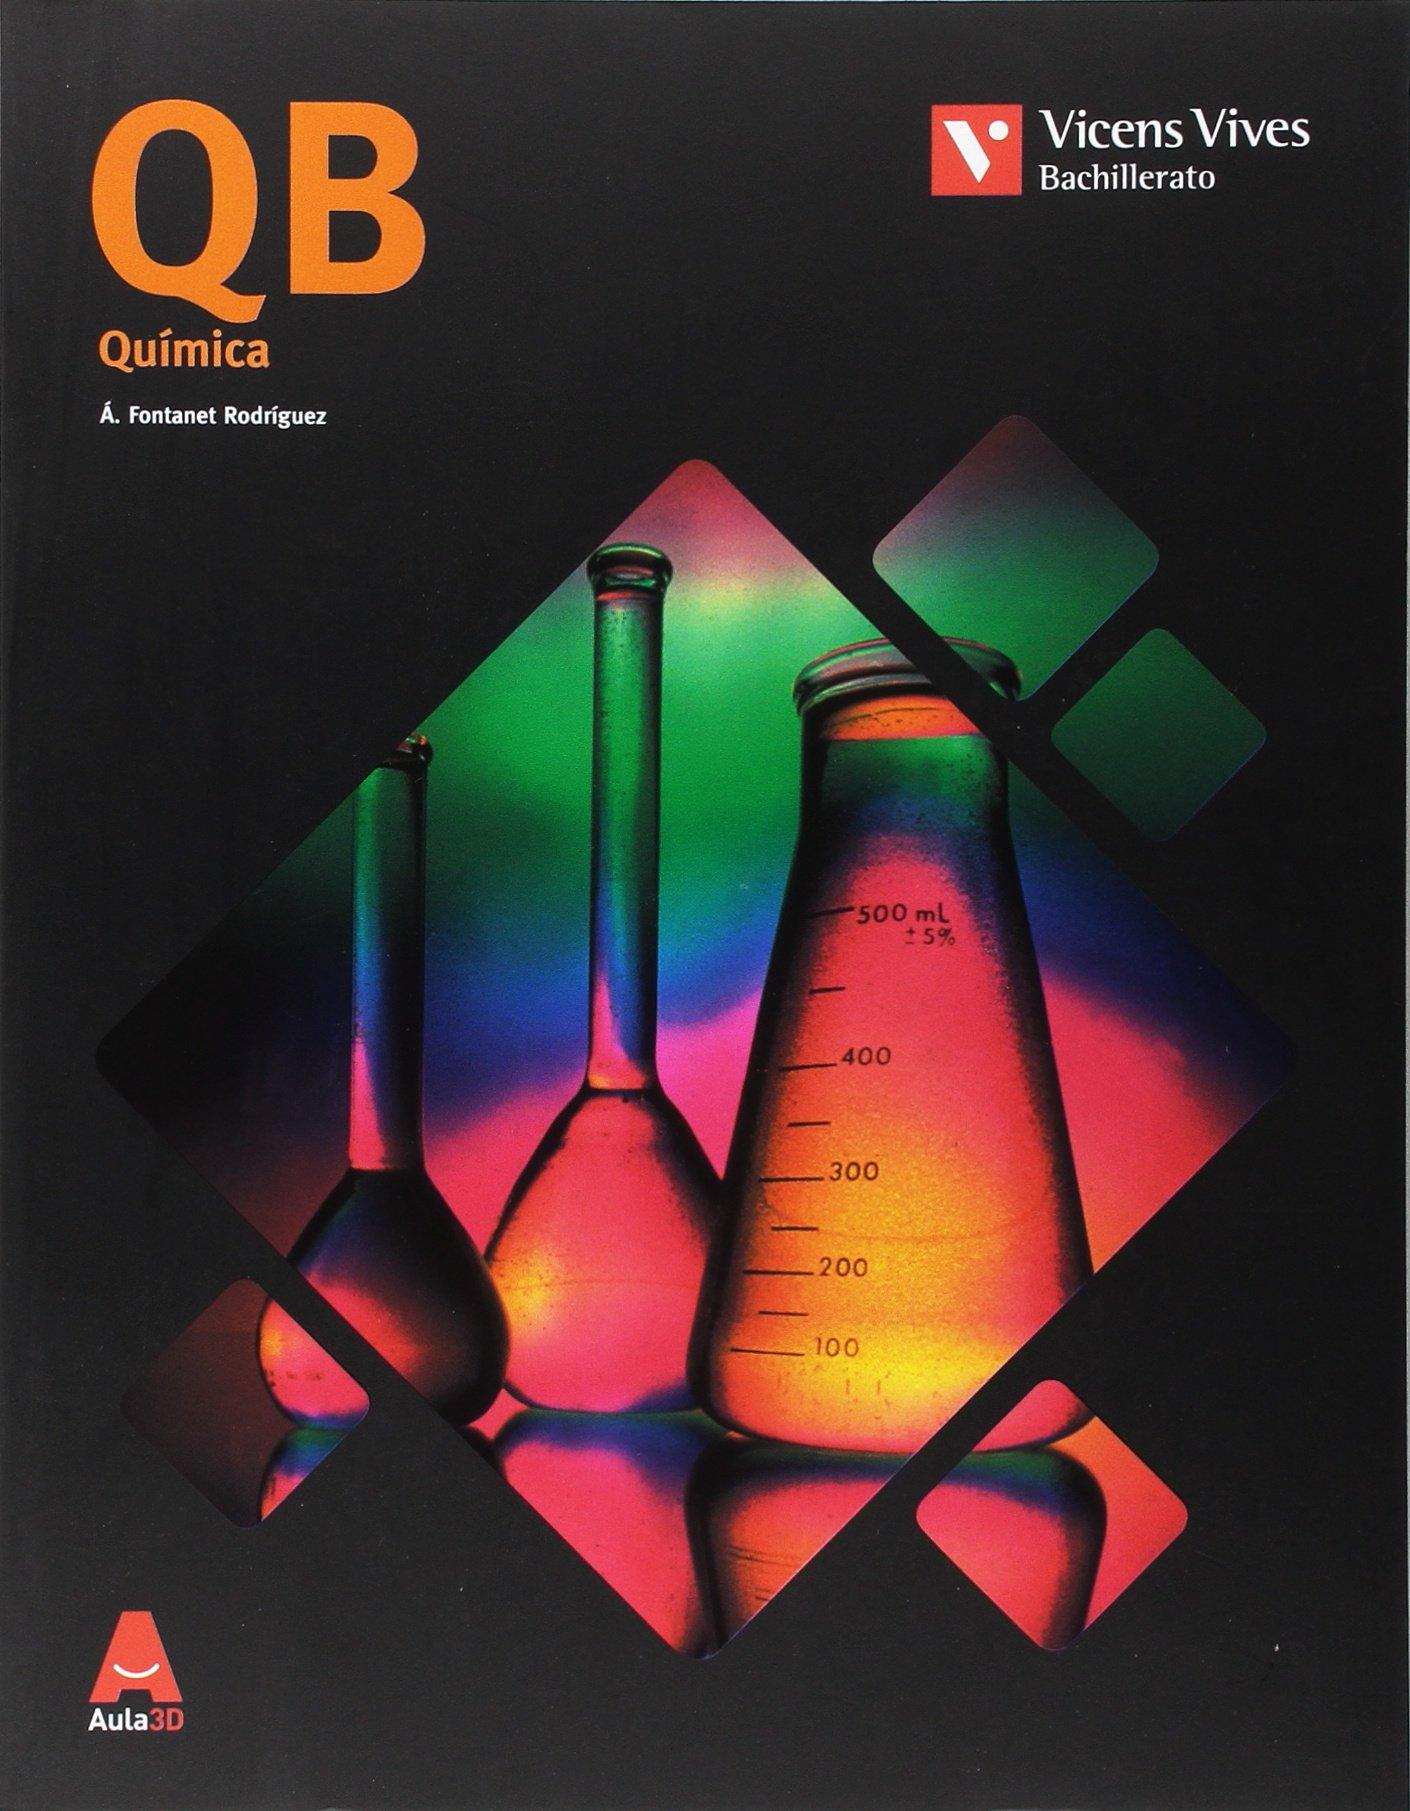 QB QUIMICA BACHILLERATO AULA 3D: 000001 - 9788468235875: Amazon.es: Fontanet Rodriguez, Angel: Libros